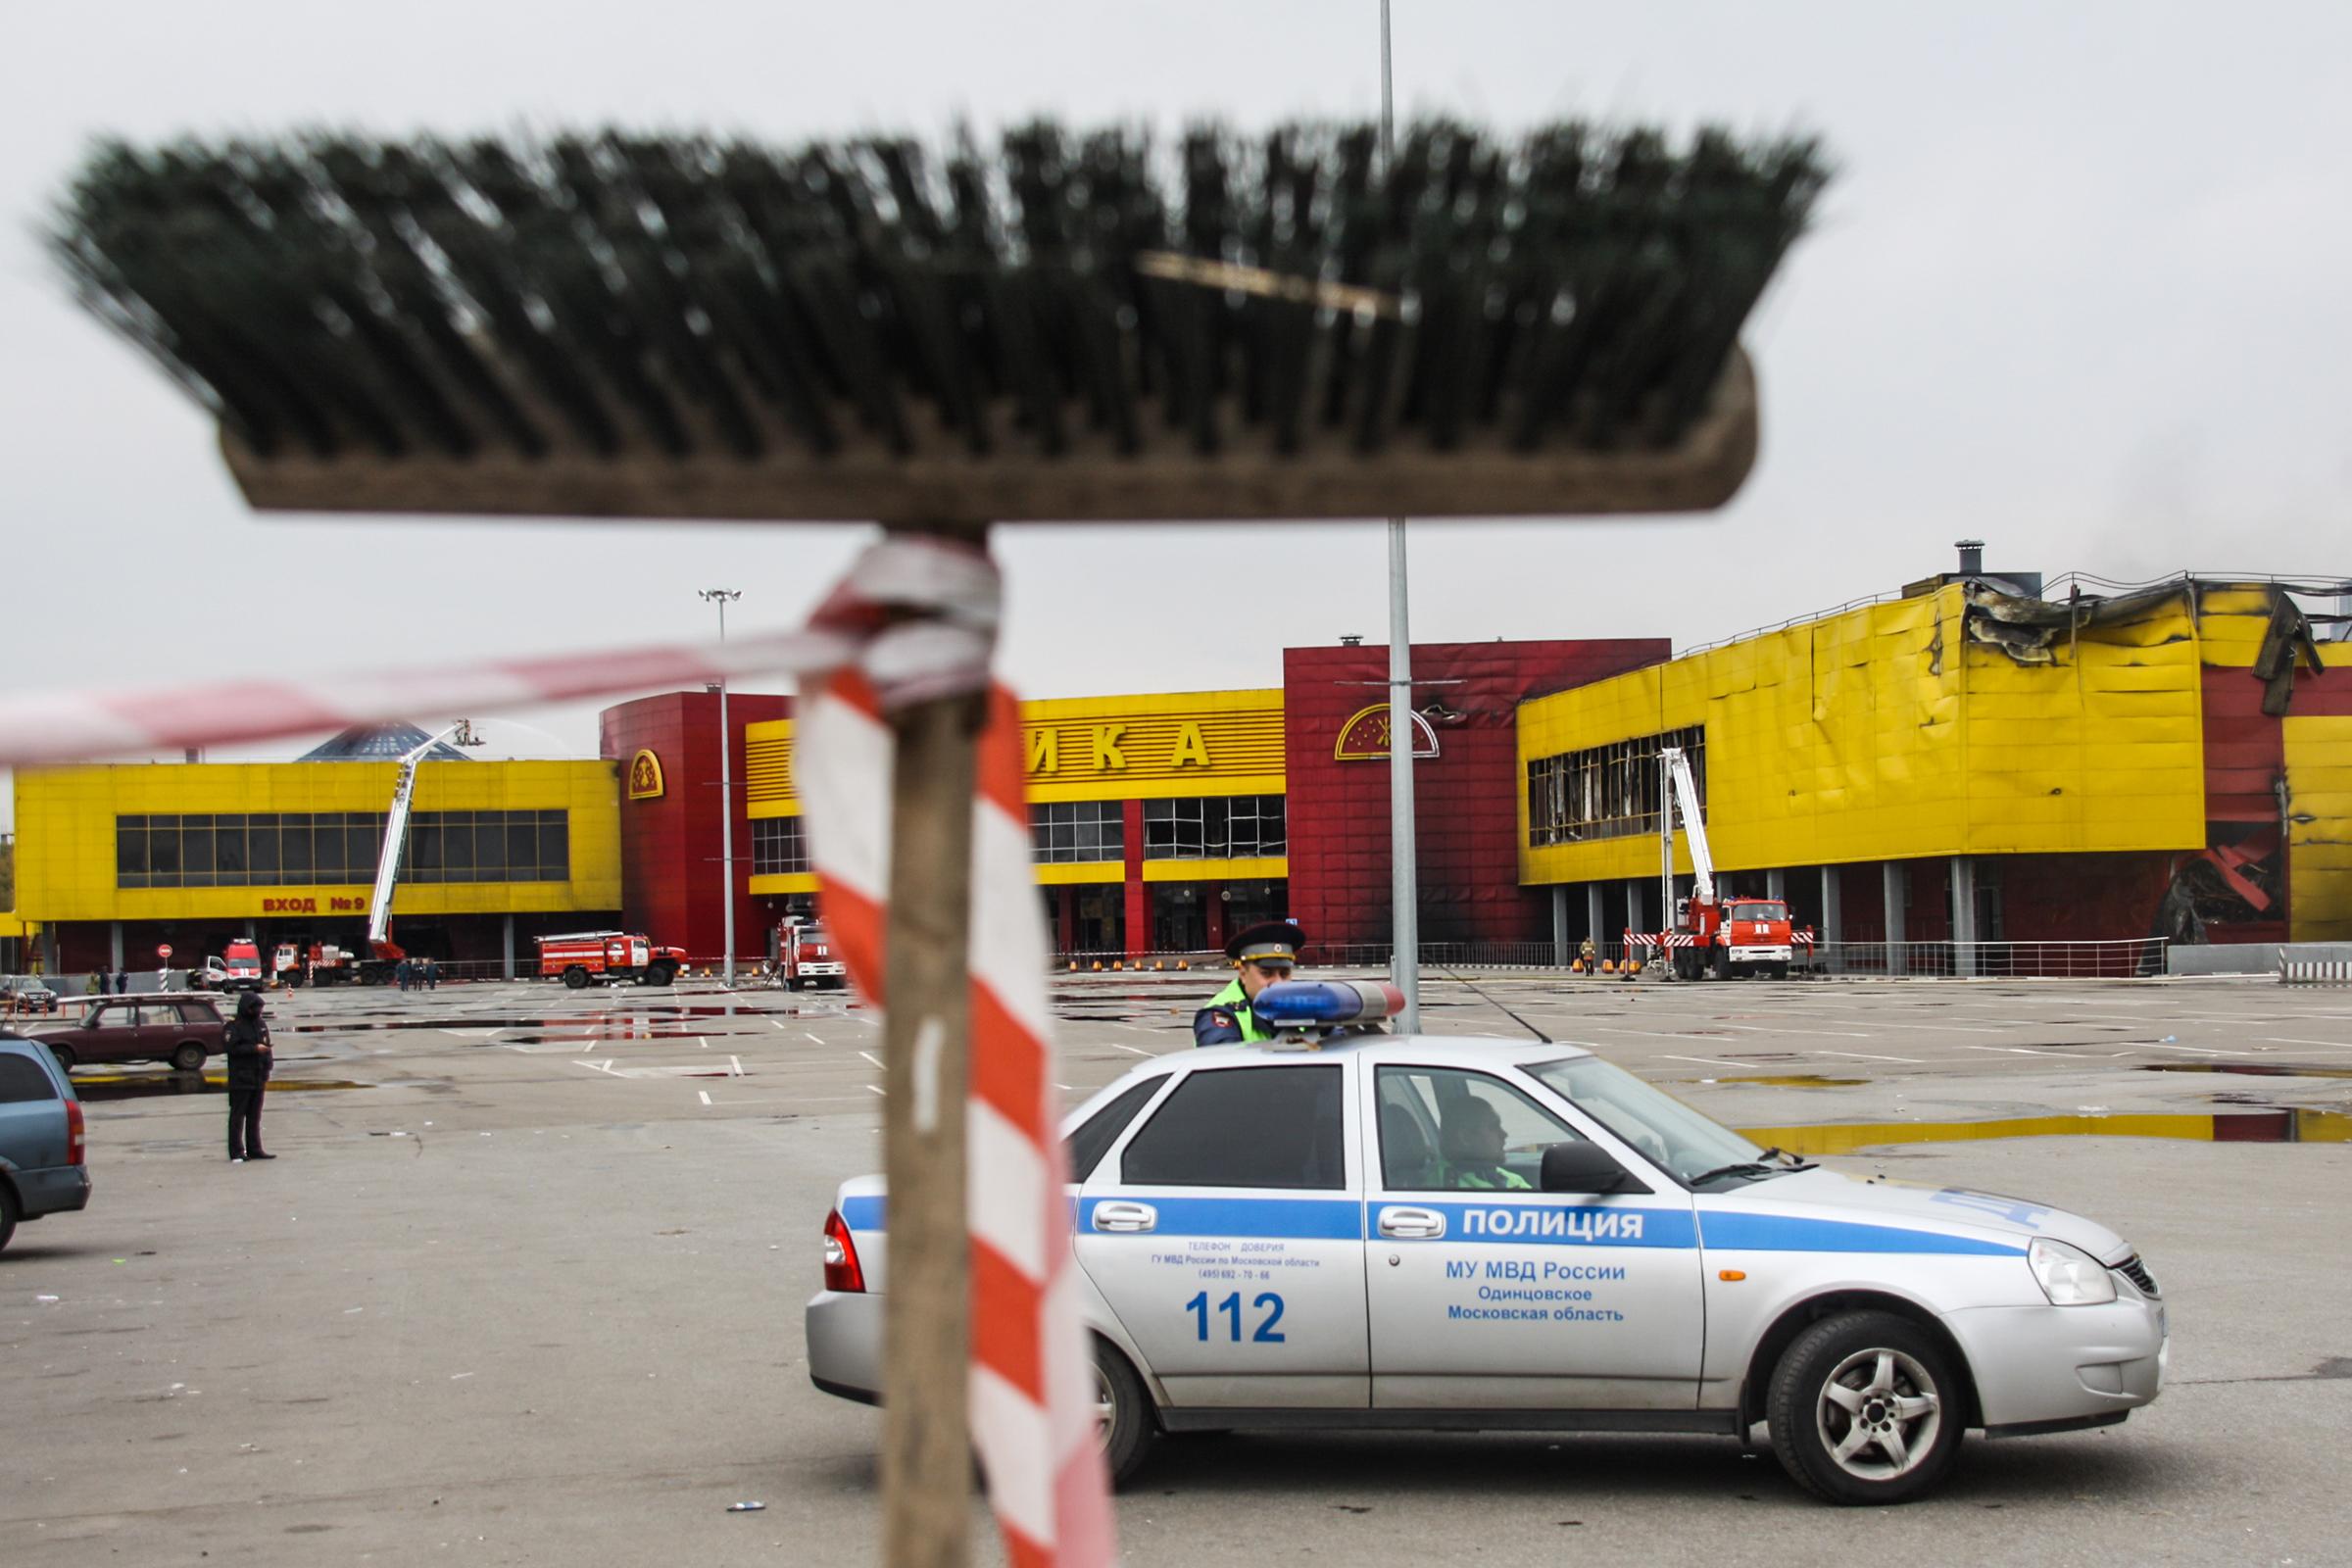 Пожар на строительном рынке «Синдика» произошел в воскресенье, 8 октября. Его площадь составила 55 тыс. кв. м